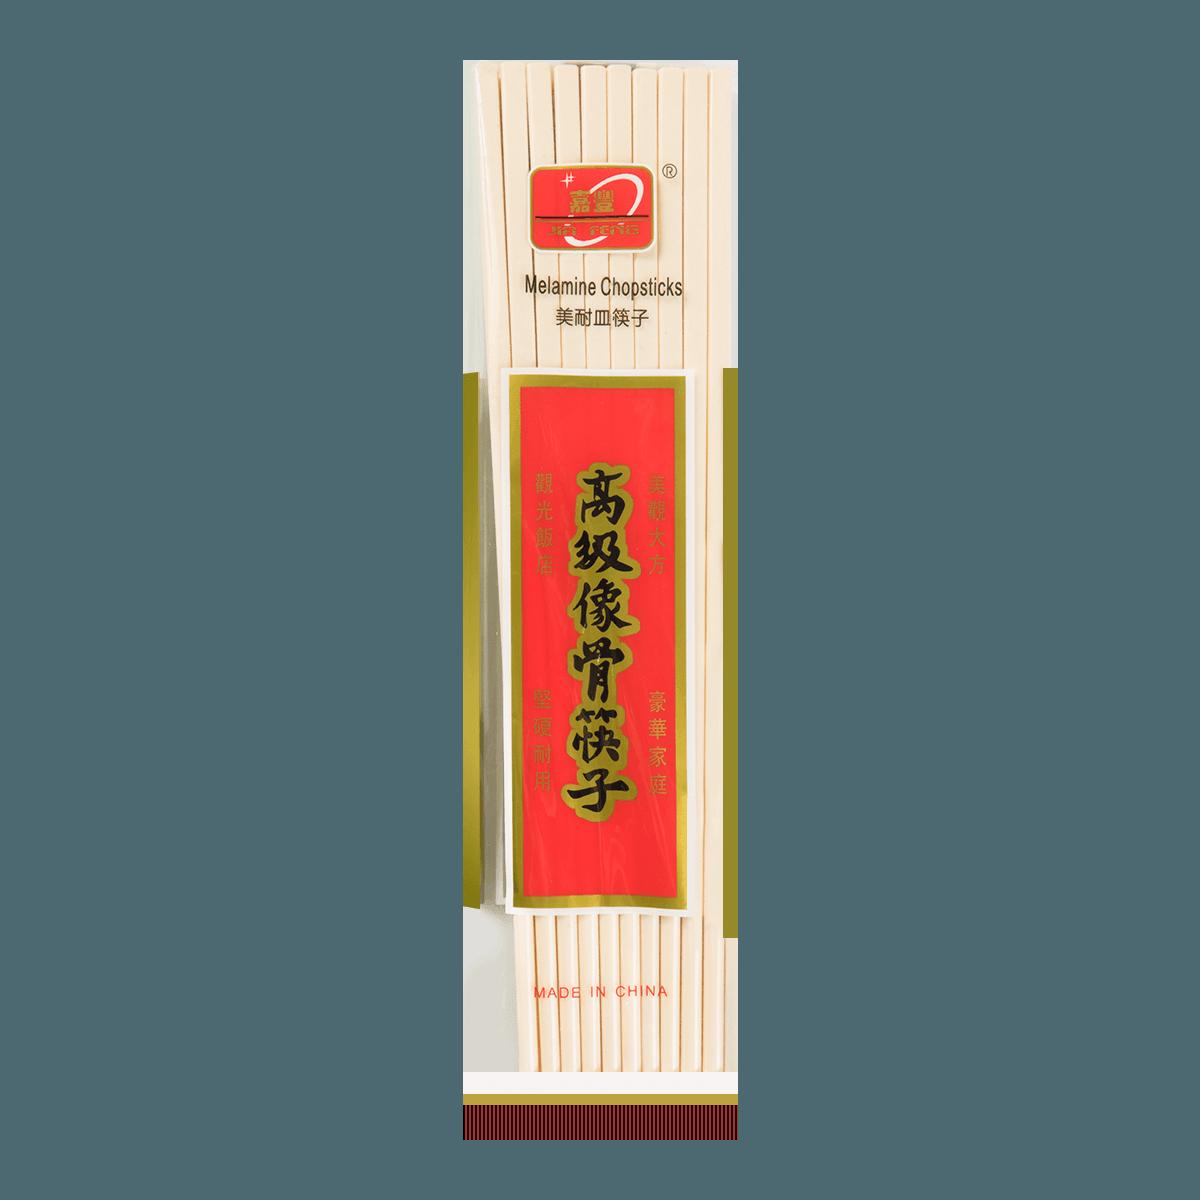 嘉丰 美耐皿高级像骨筷子 #象牙白 27cm 十双入